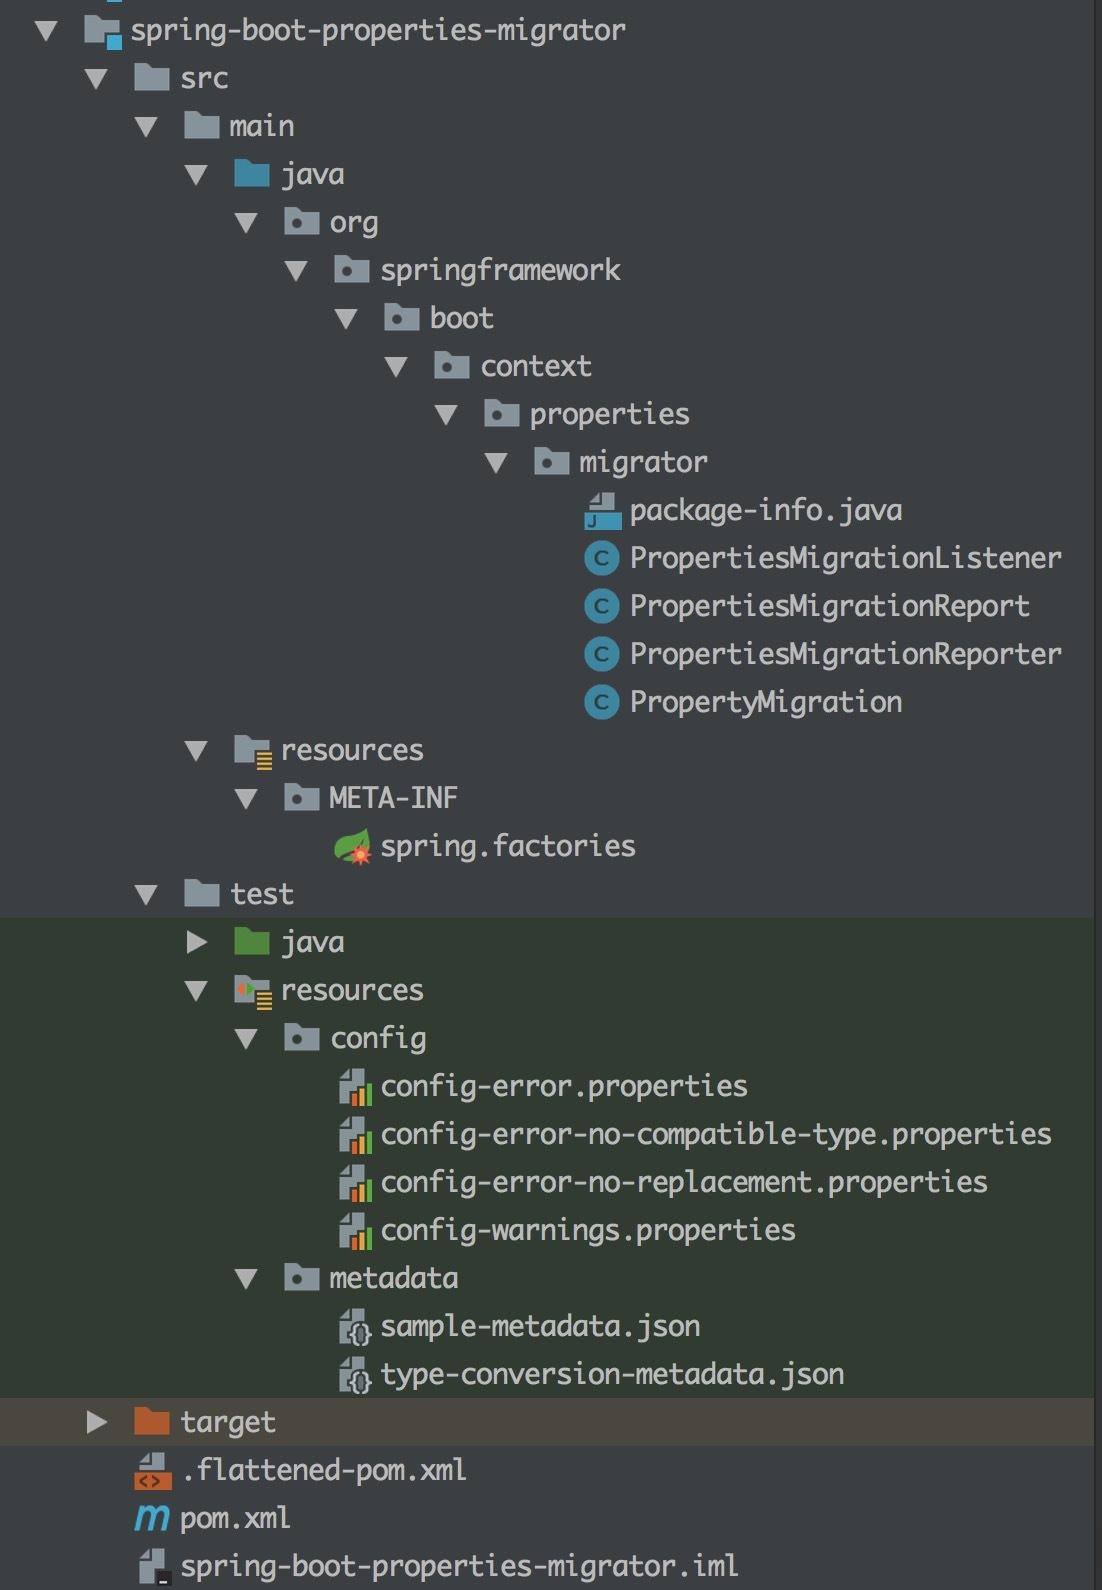 springboot-properties-migrator